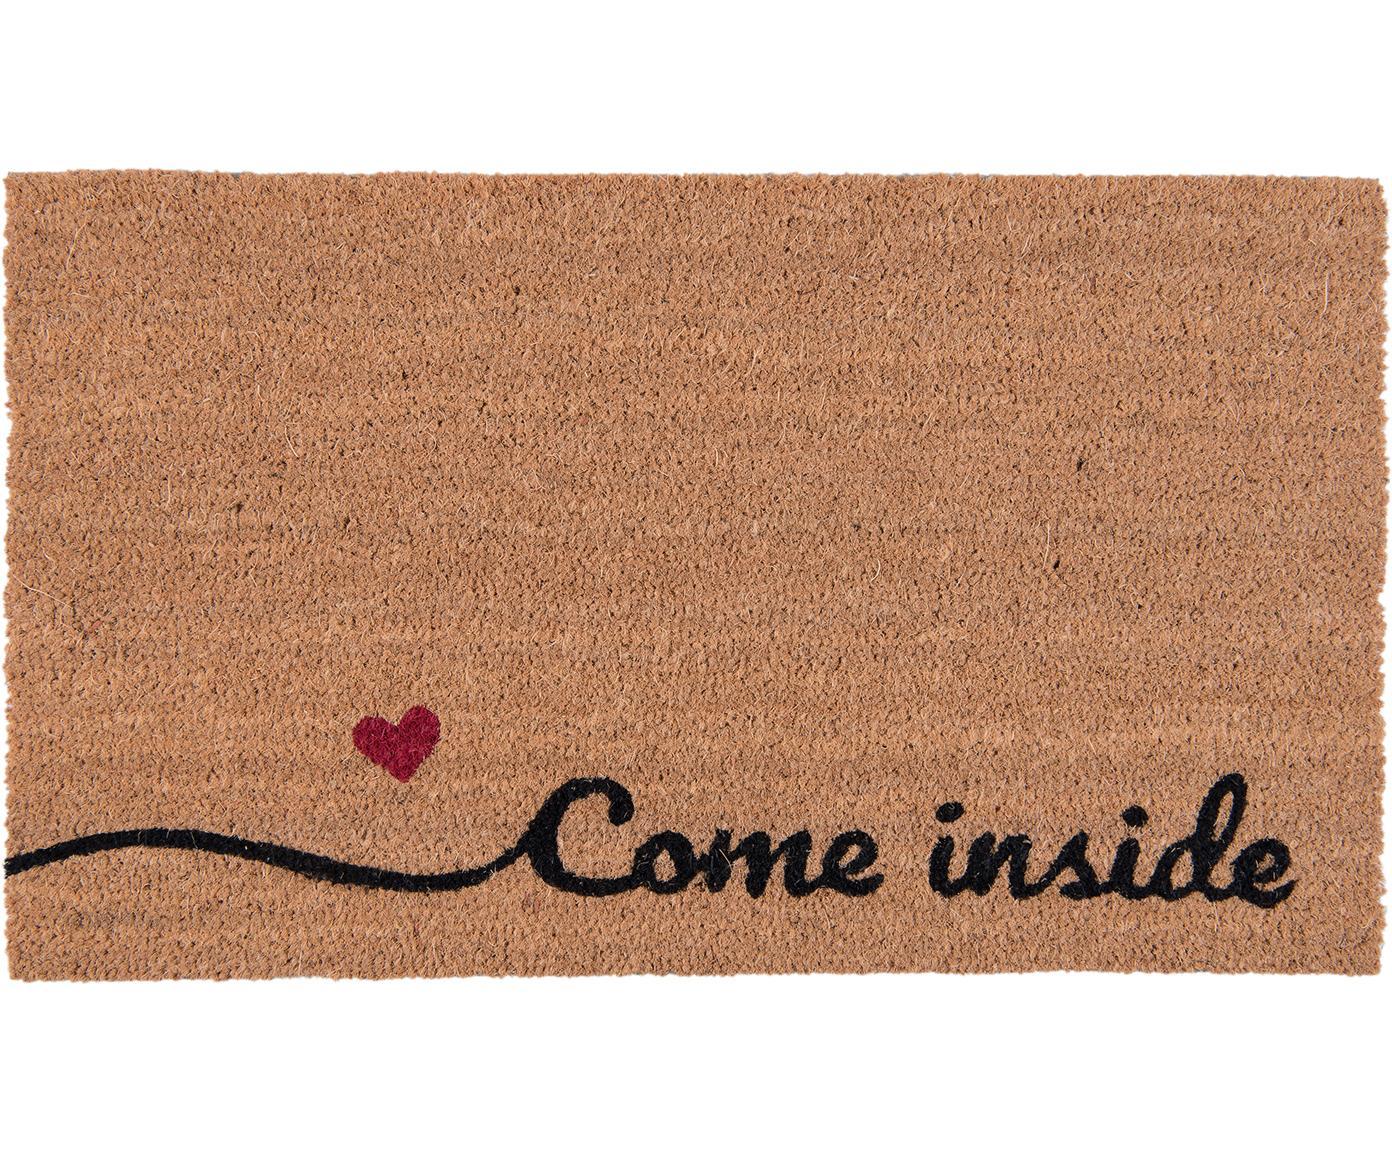 Zerbino Come Inside, Marrone, nero, rosso, Larg. 45 x Lung. 75 cm